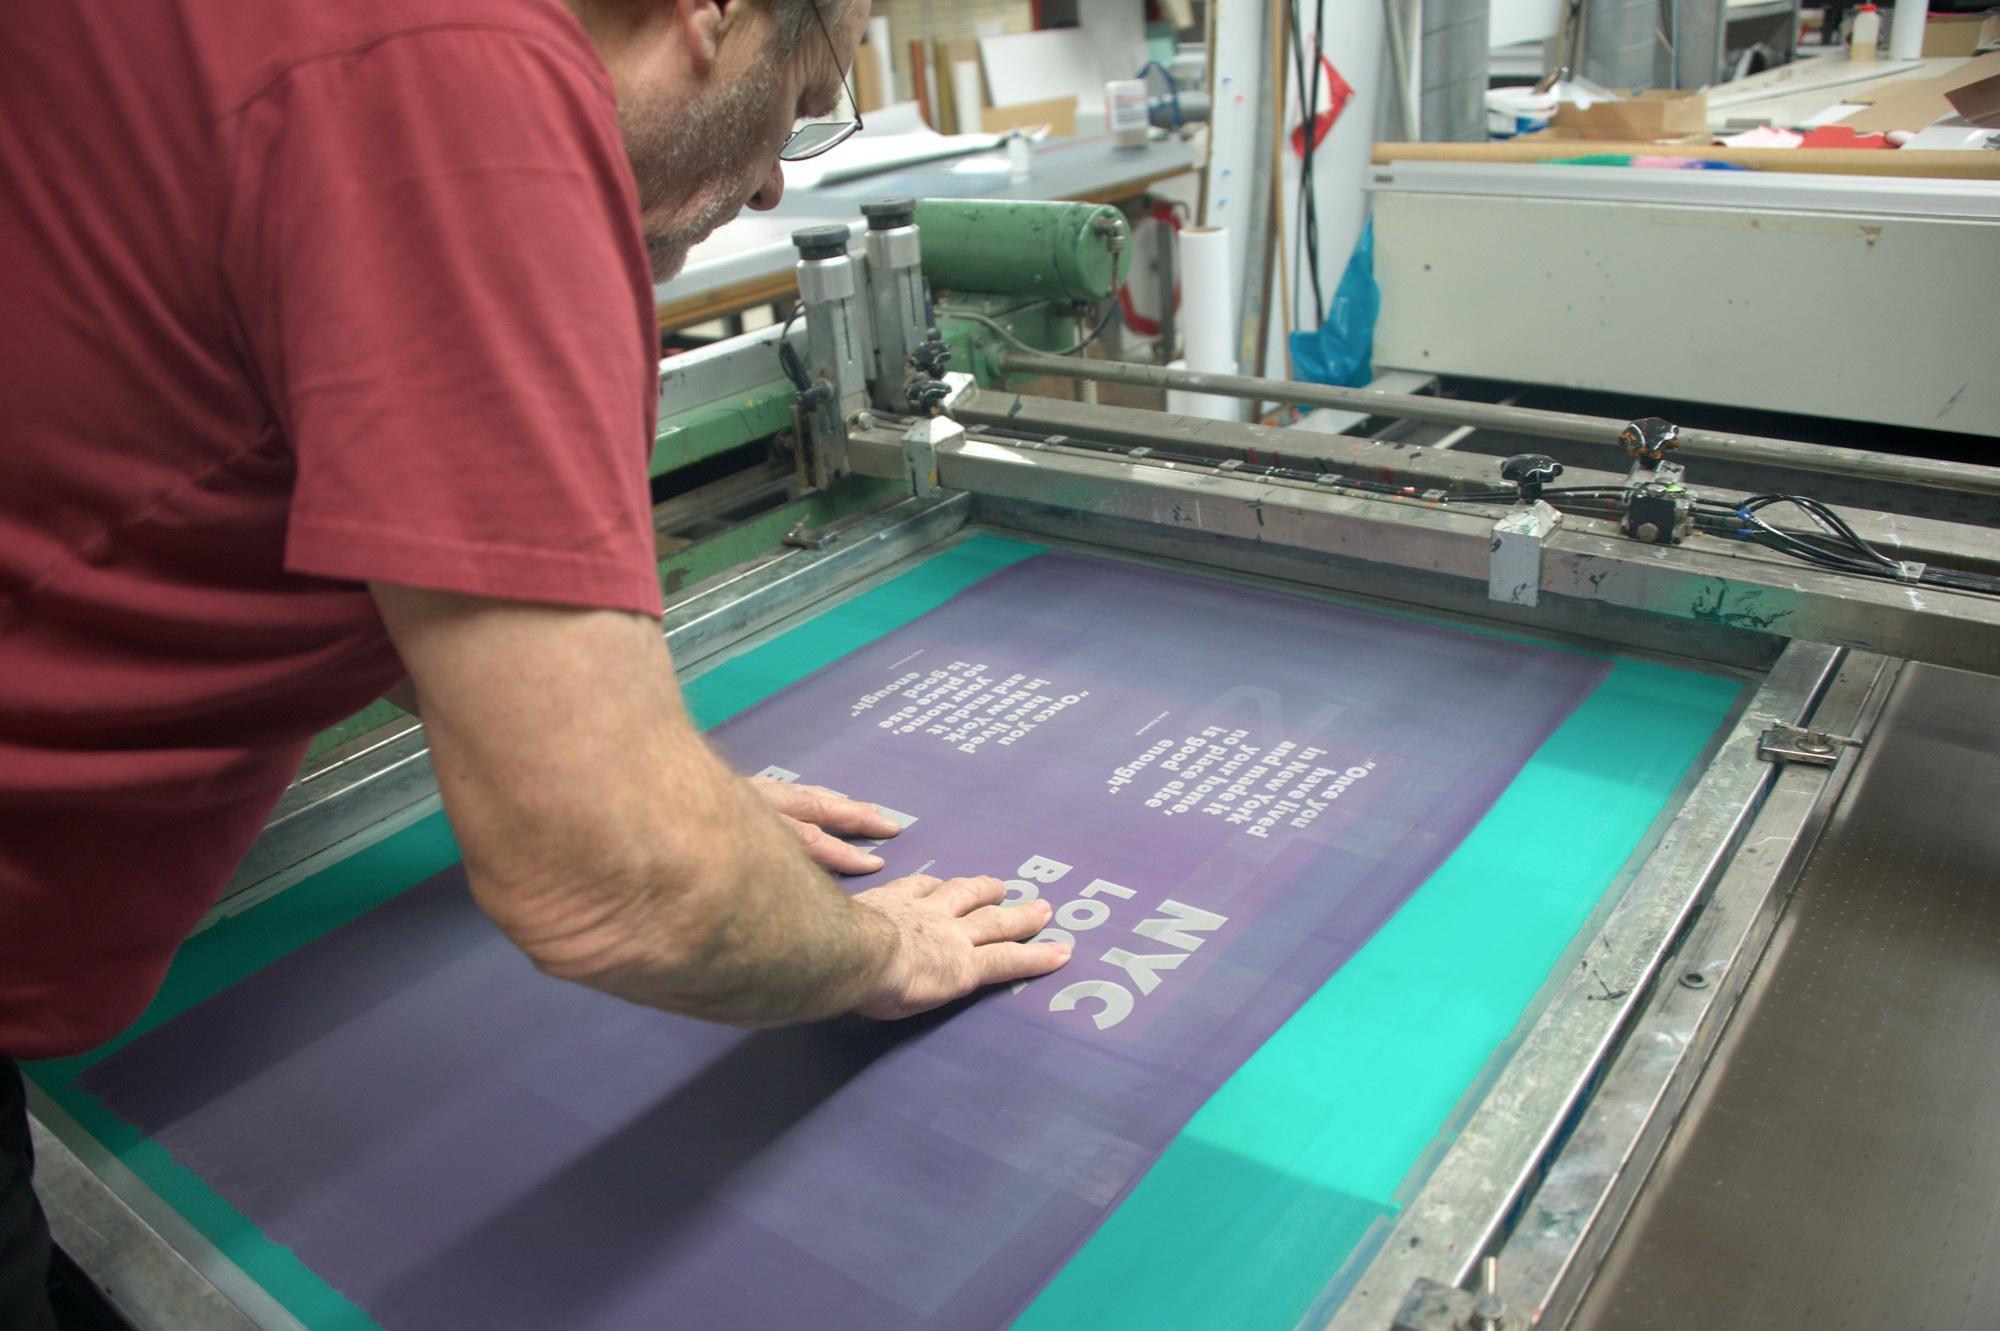 Siebdruckeinrichten H.-H. Haase © Atelier Haase - Foto: Katharina Hansen-Gluschitz